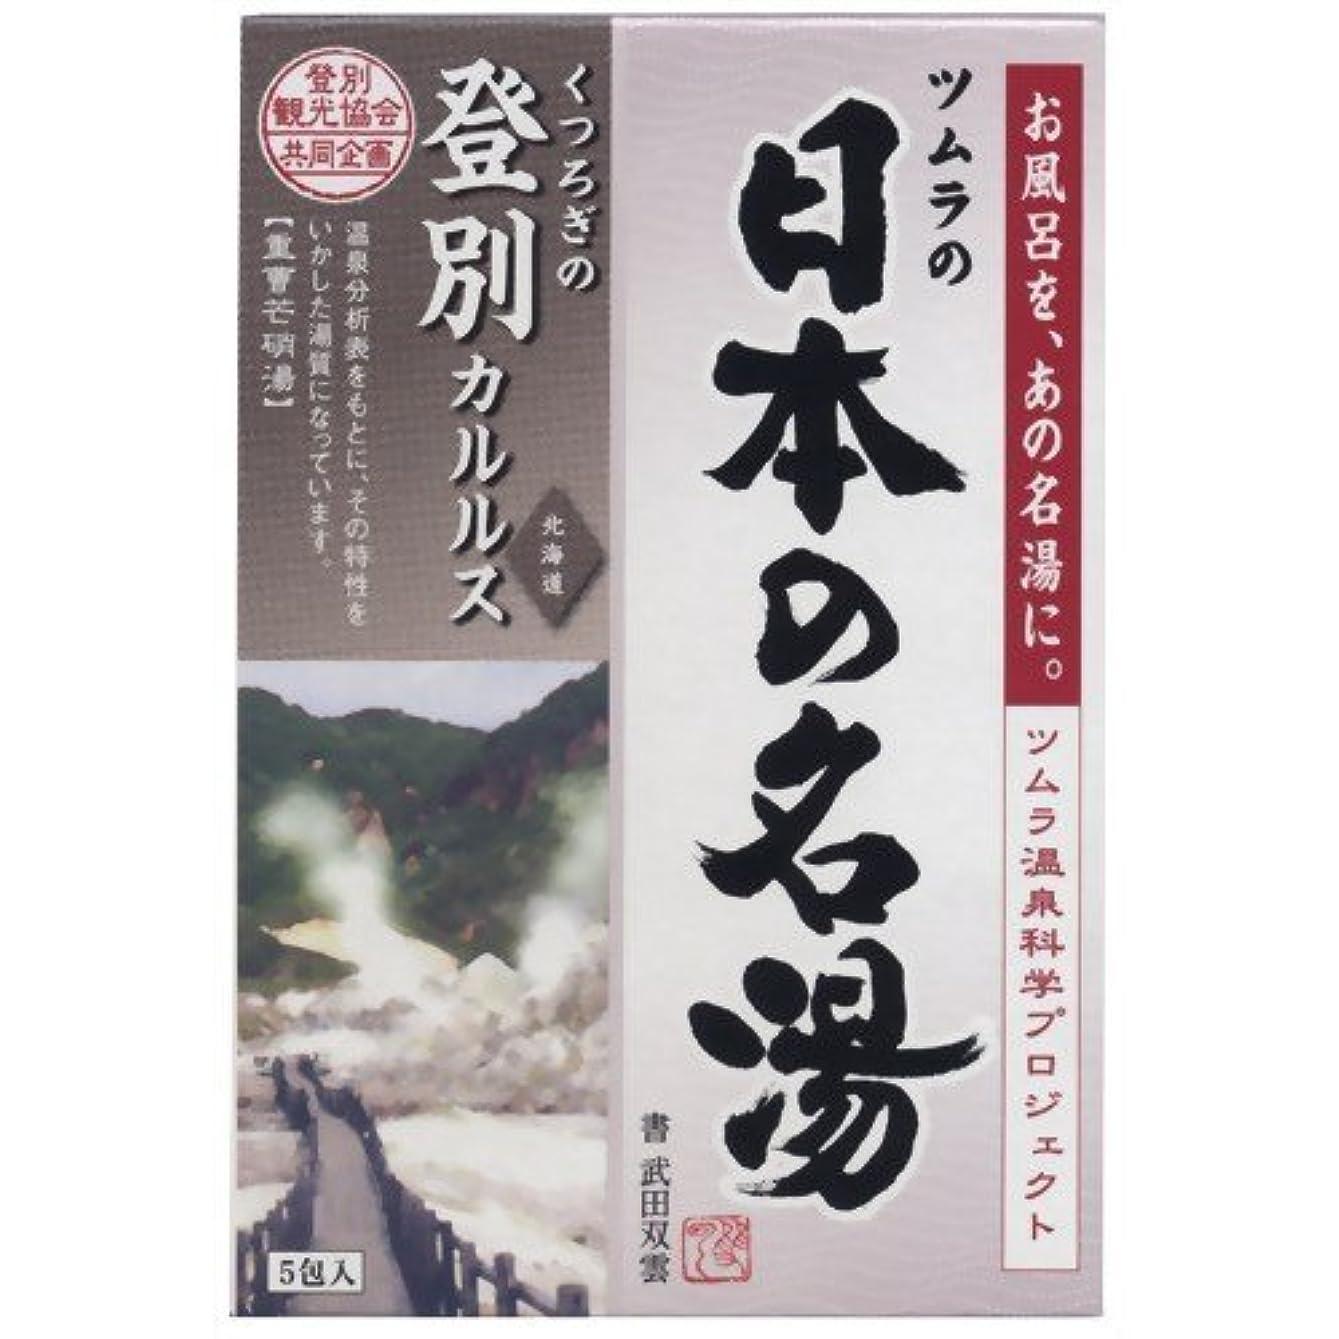 材料演劇大理石日本の名湯 登別カルルス30g 5包入り にごりタイプ 入浴剤 (医薬部外品) × 5個セット